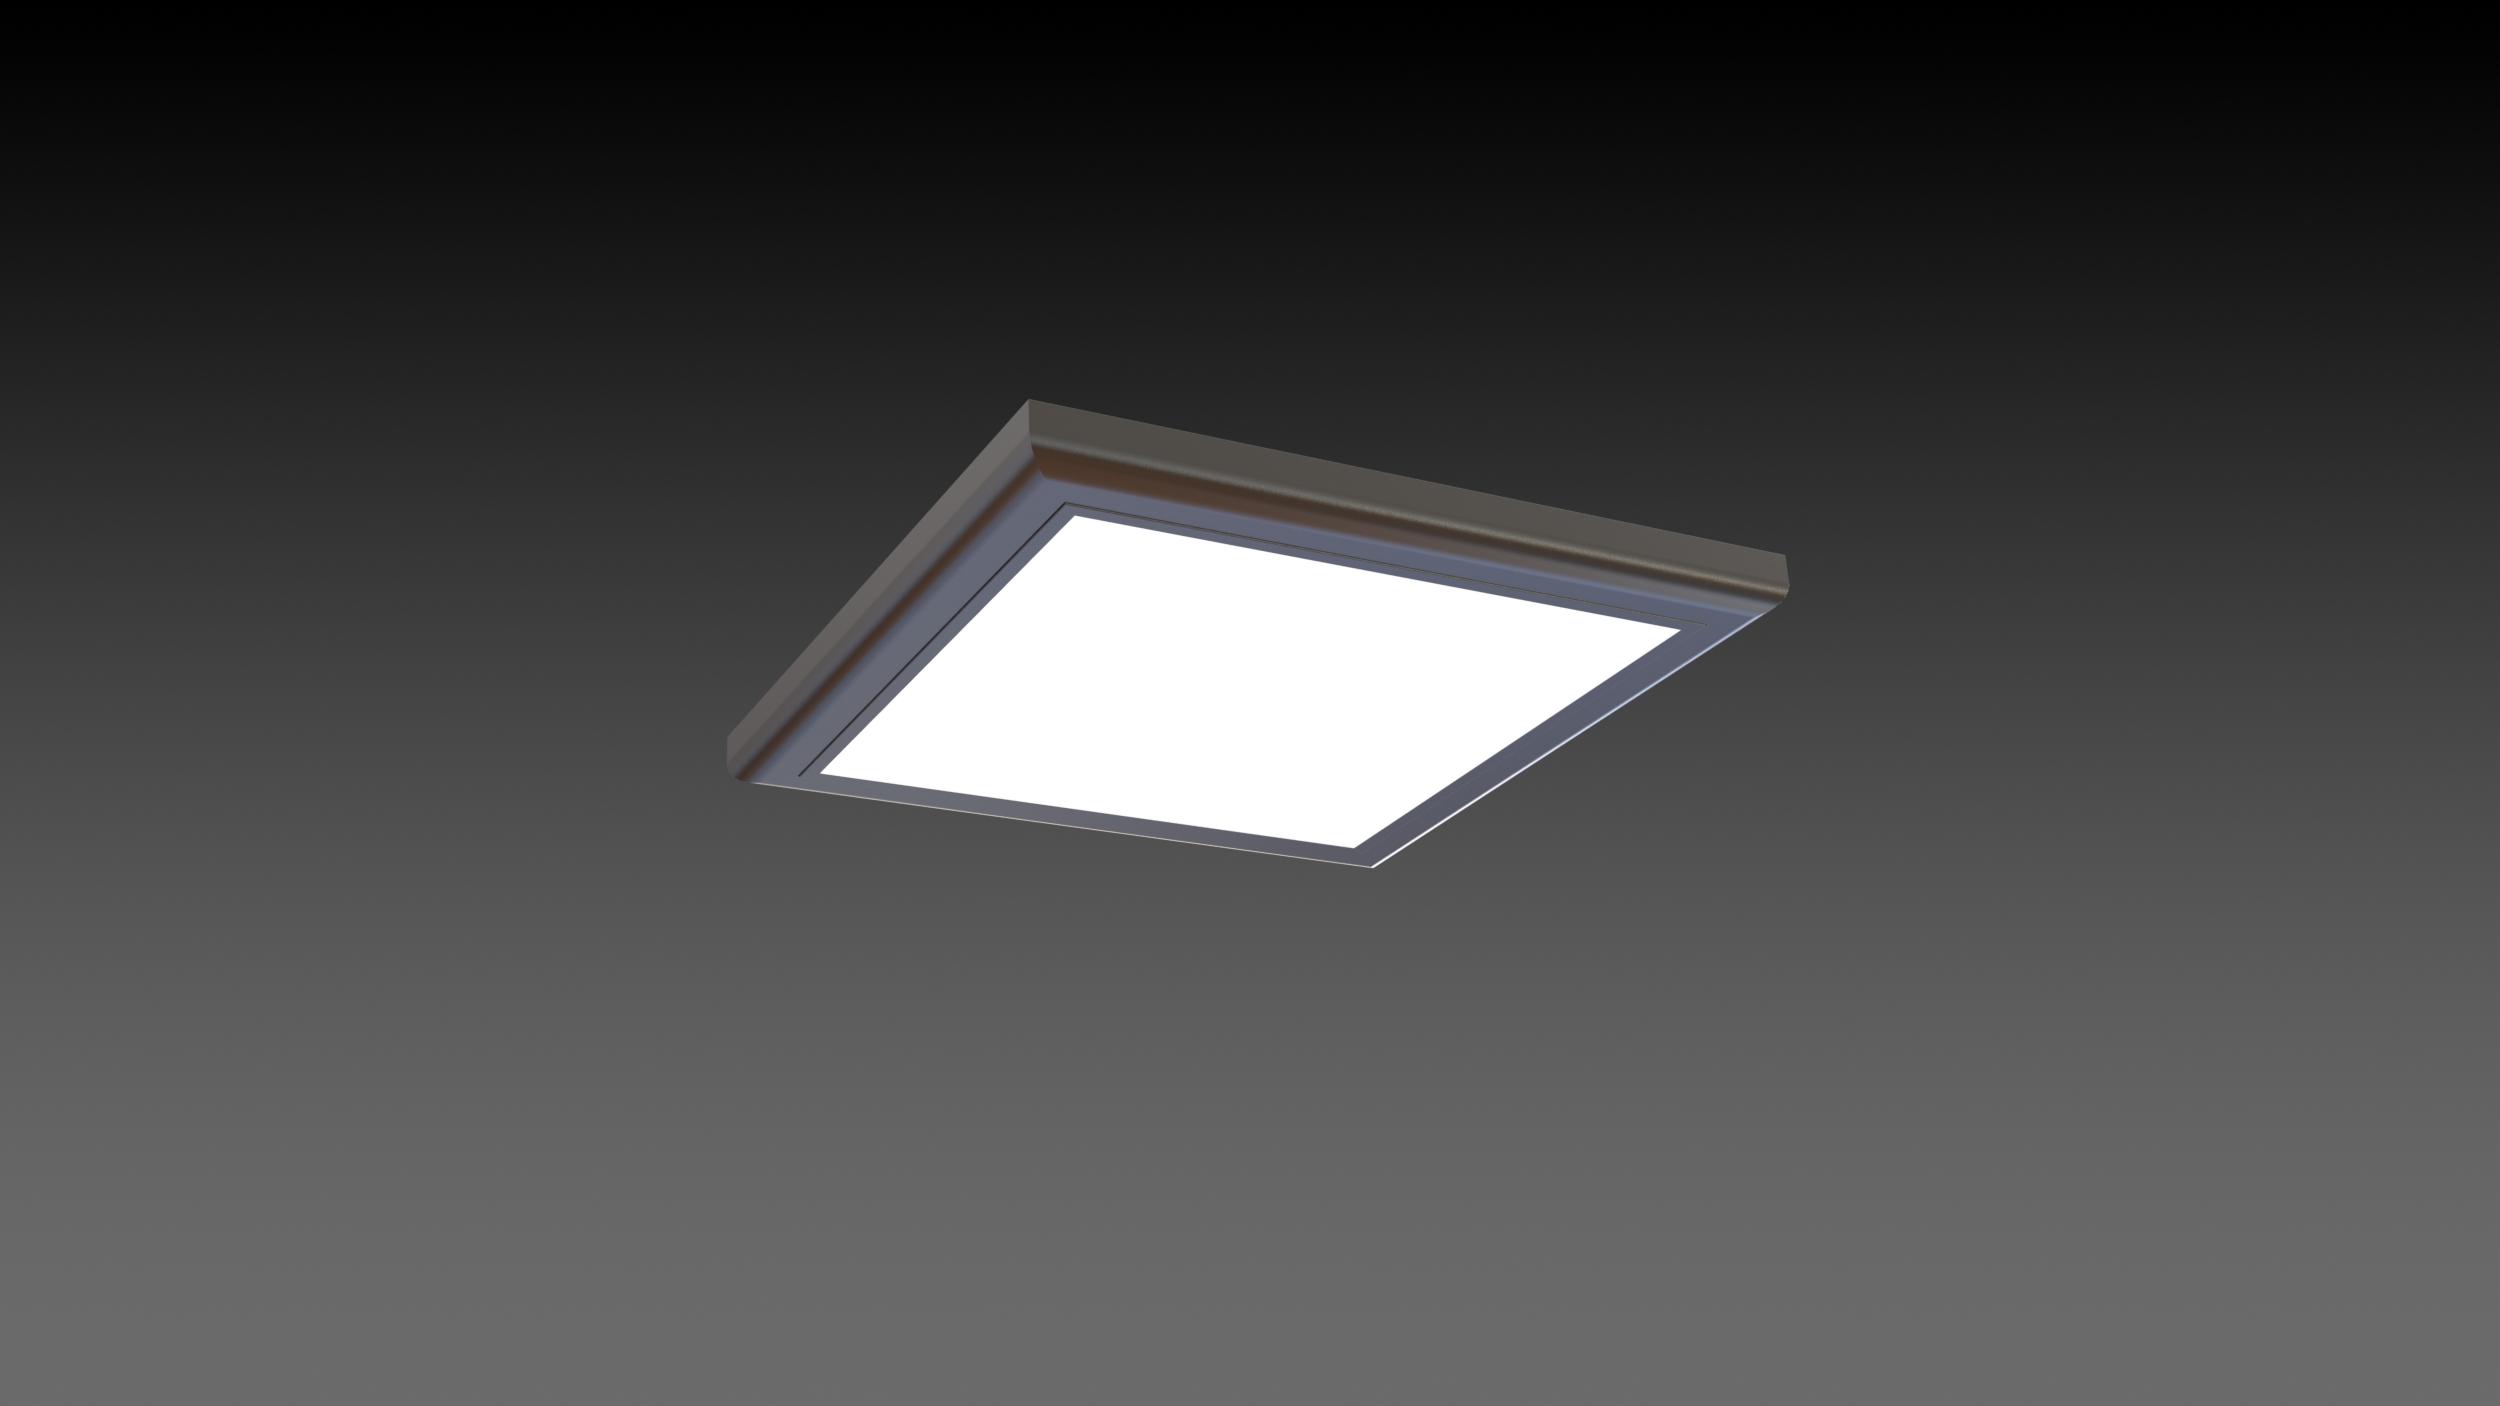 LED Highbay halverlichting goedkoop,duurzaam en krachtig van Taglumo!